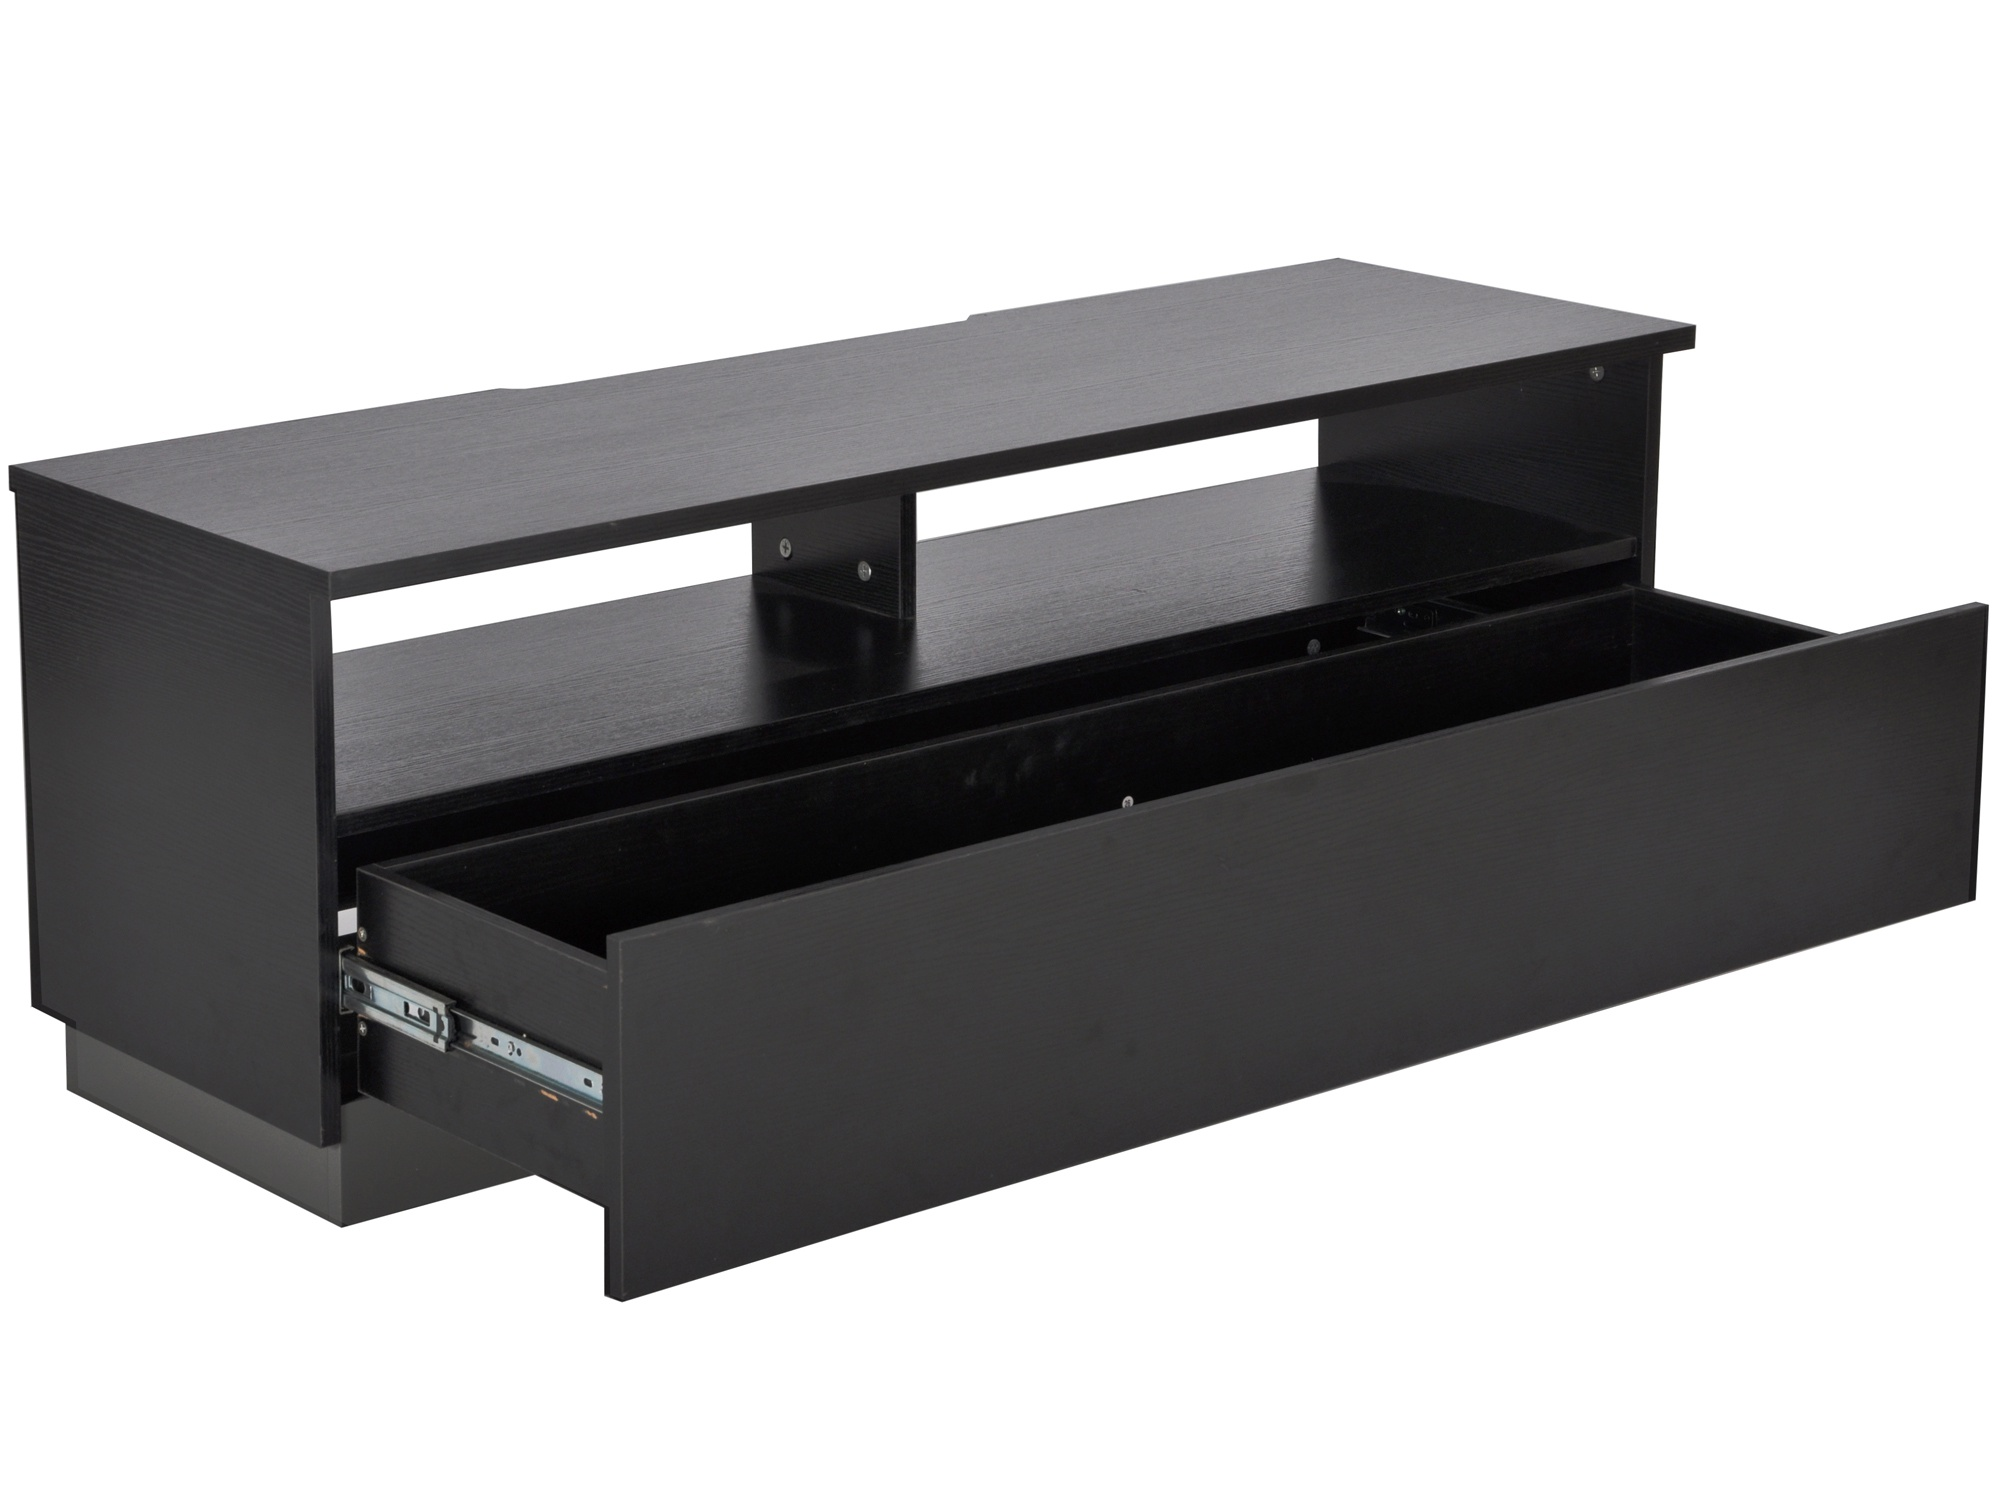 Decibel Mediabänk 125 SVART med Sockel, Glasfront, Låda Fri Frakt! EDCON SE Webshop